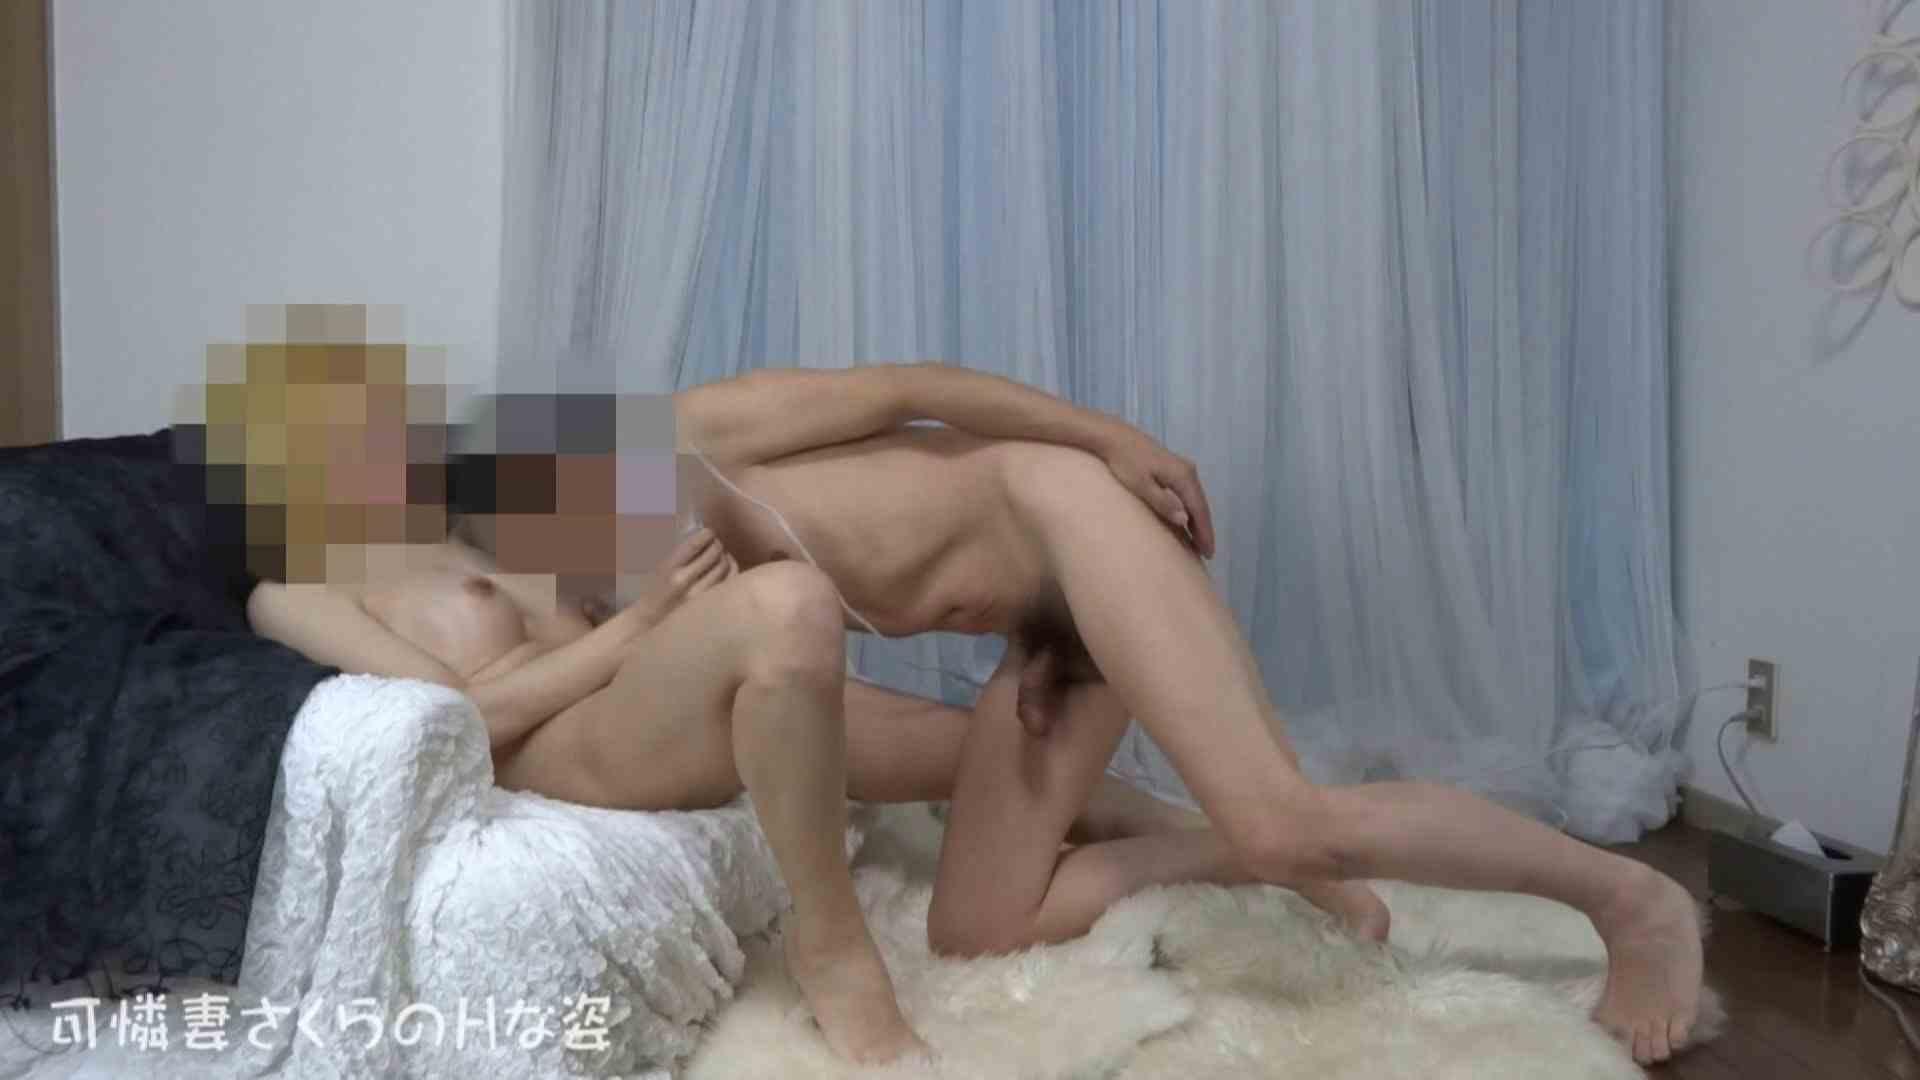 可憐妻さくらのHな姿vol.29 オマンコ   電マ  51pic 1